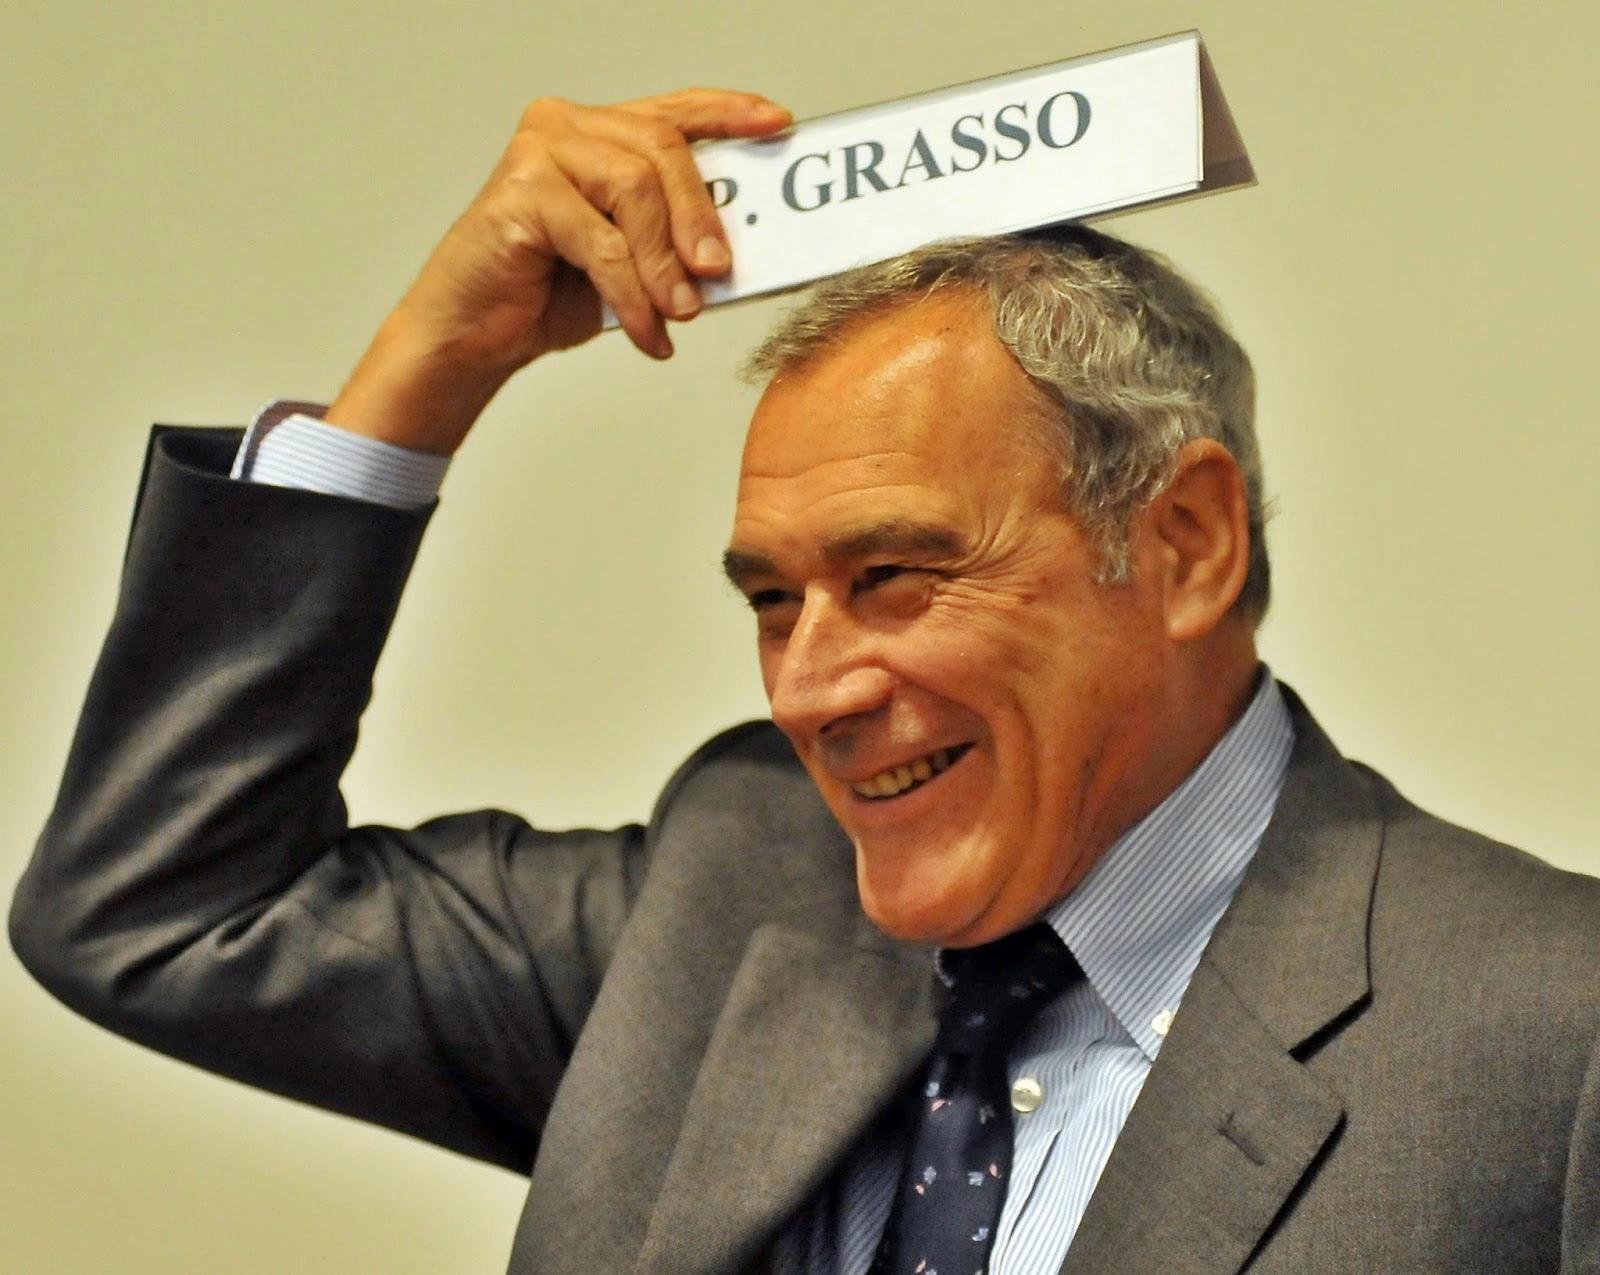 Grasso premier, Conte commissario Ue. E a Salvini non resta che pregare